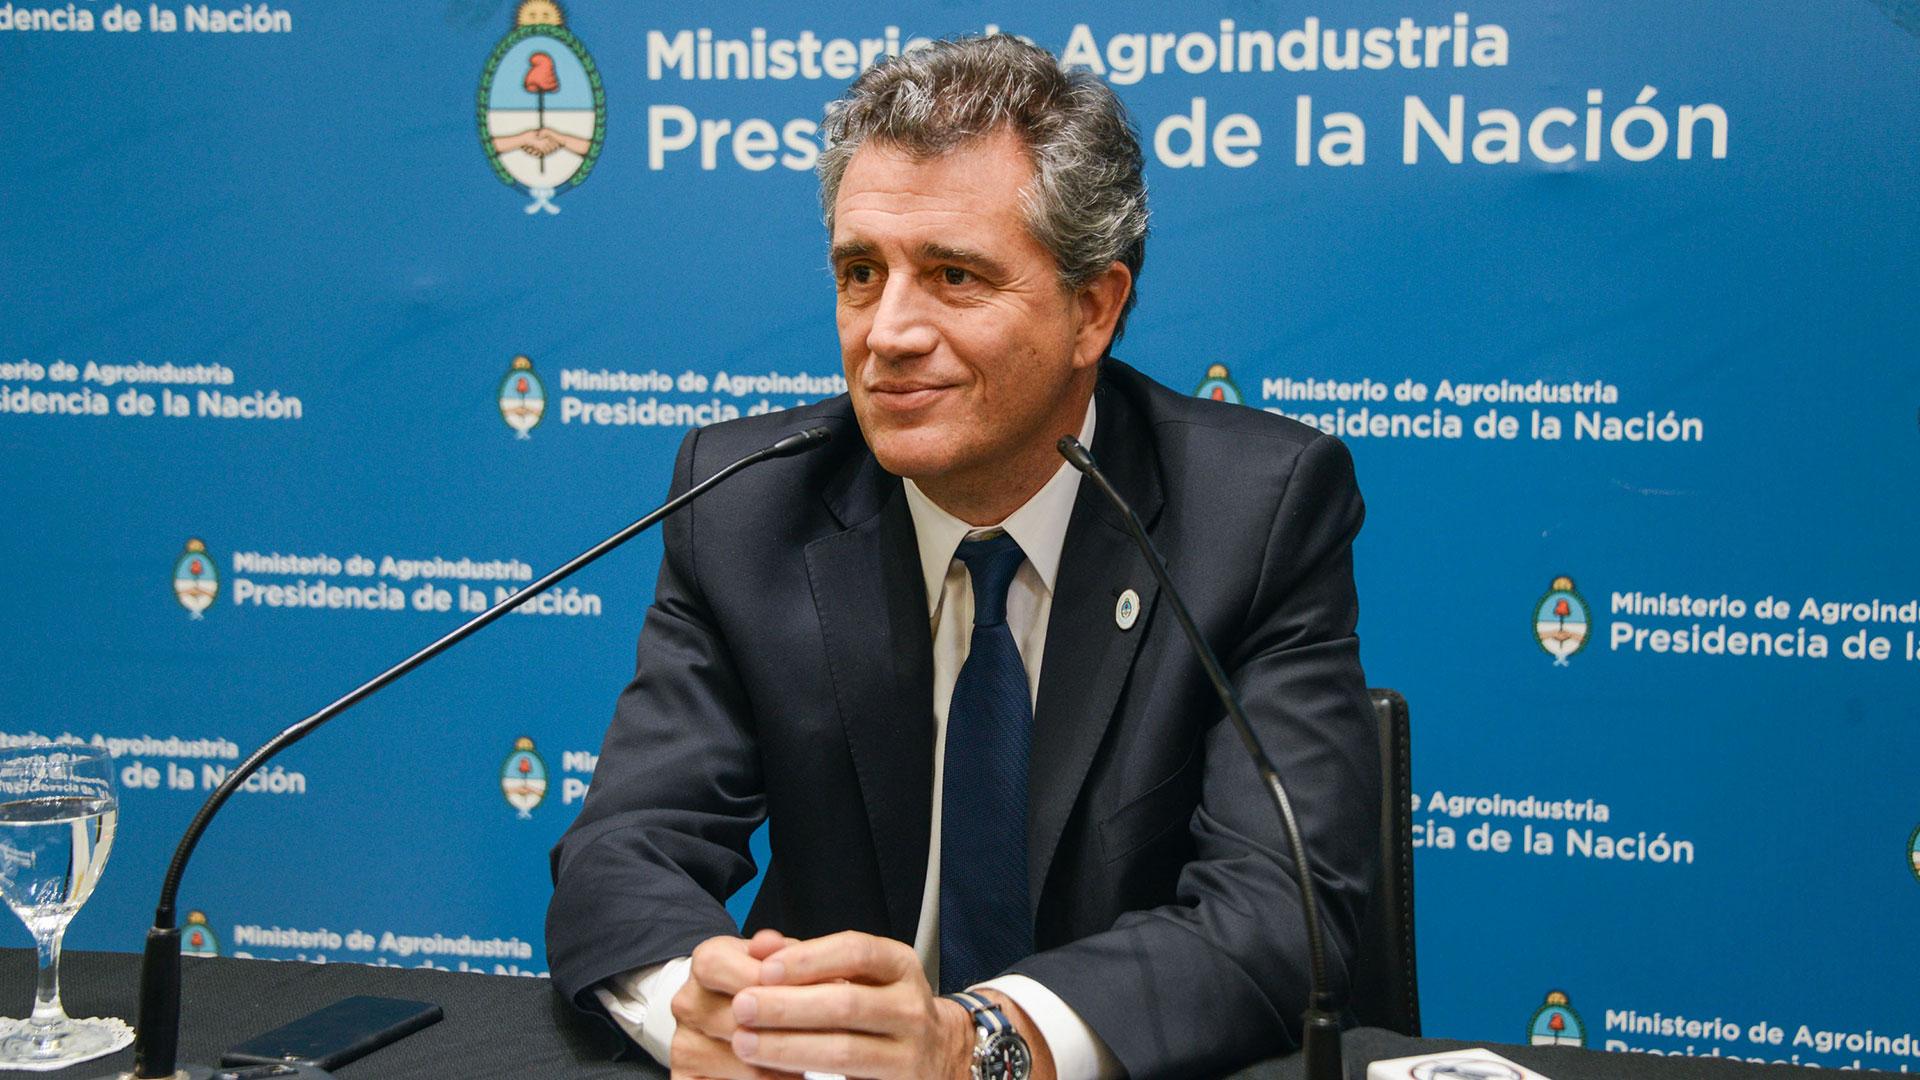 El ministro de Agroindustria de la Nación ya se encuentra de gira por Japón y China, en la búsqueda de nuevos mercados e inversiones